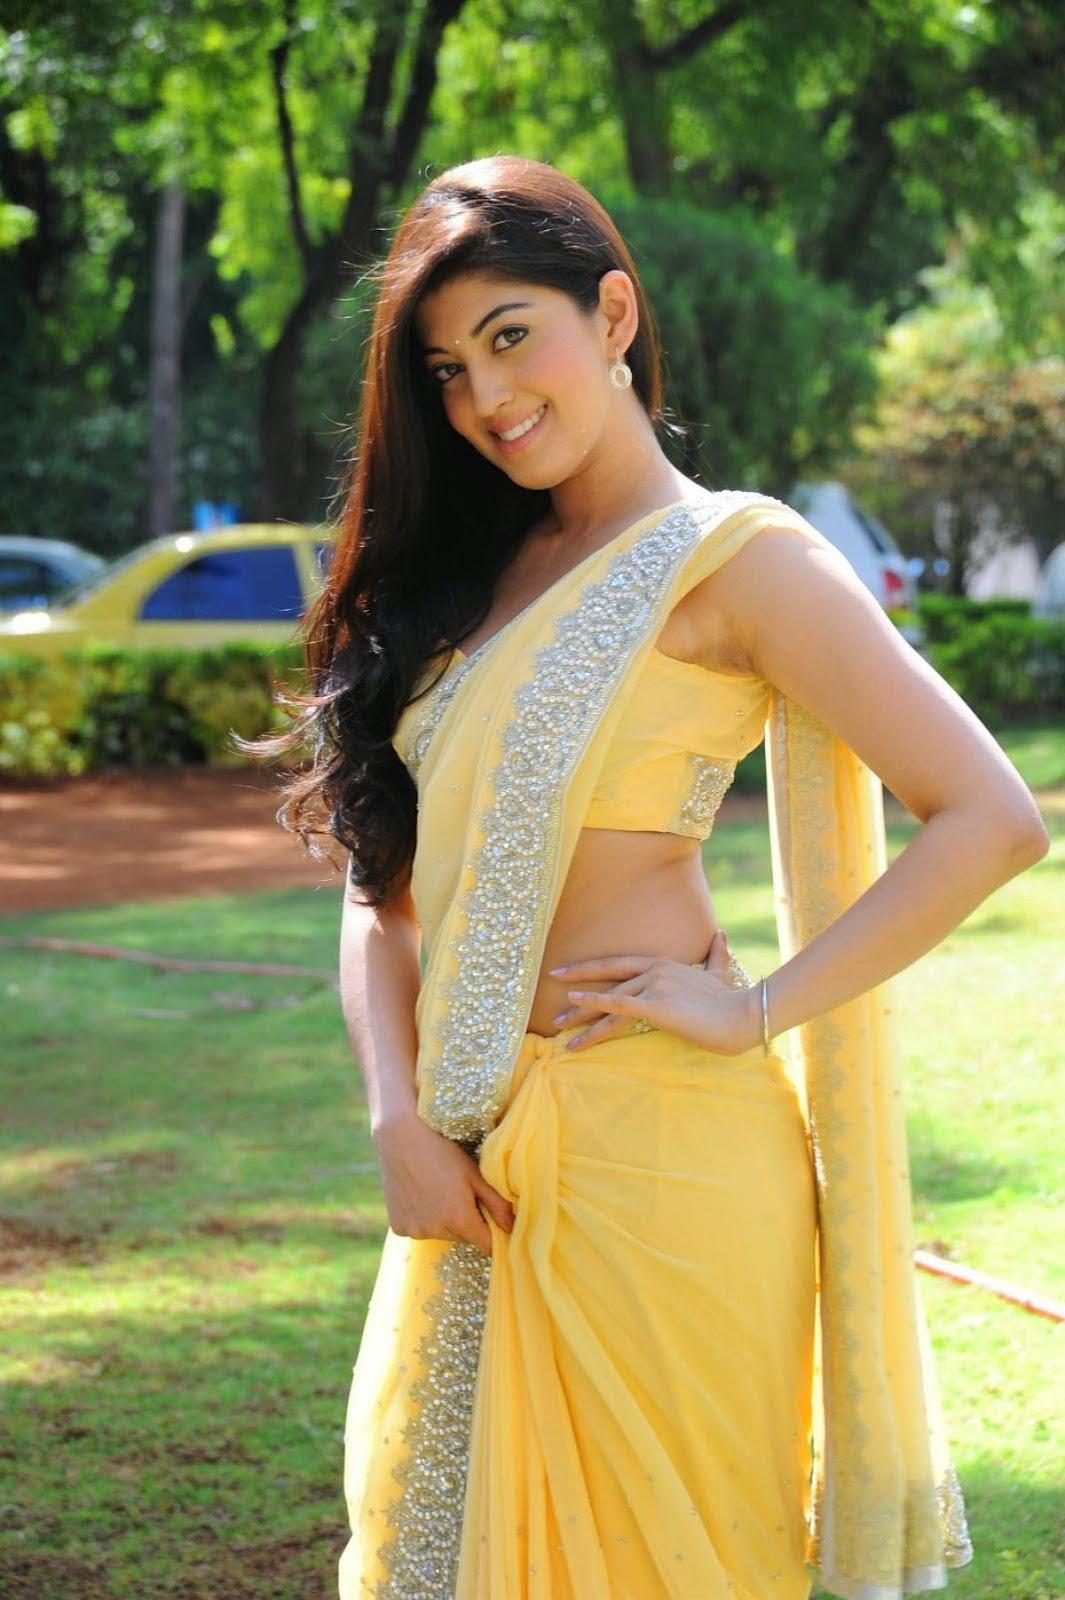 Pranitha Subhash Hot Yellow Transparent Saree Pictures | Pranitha ...